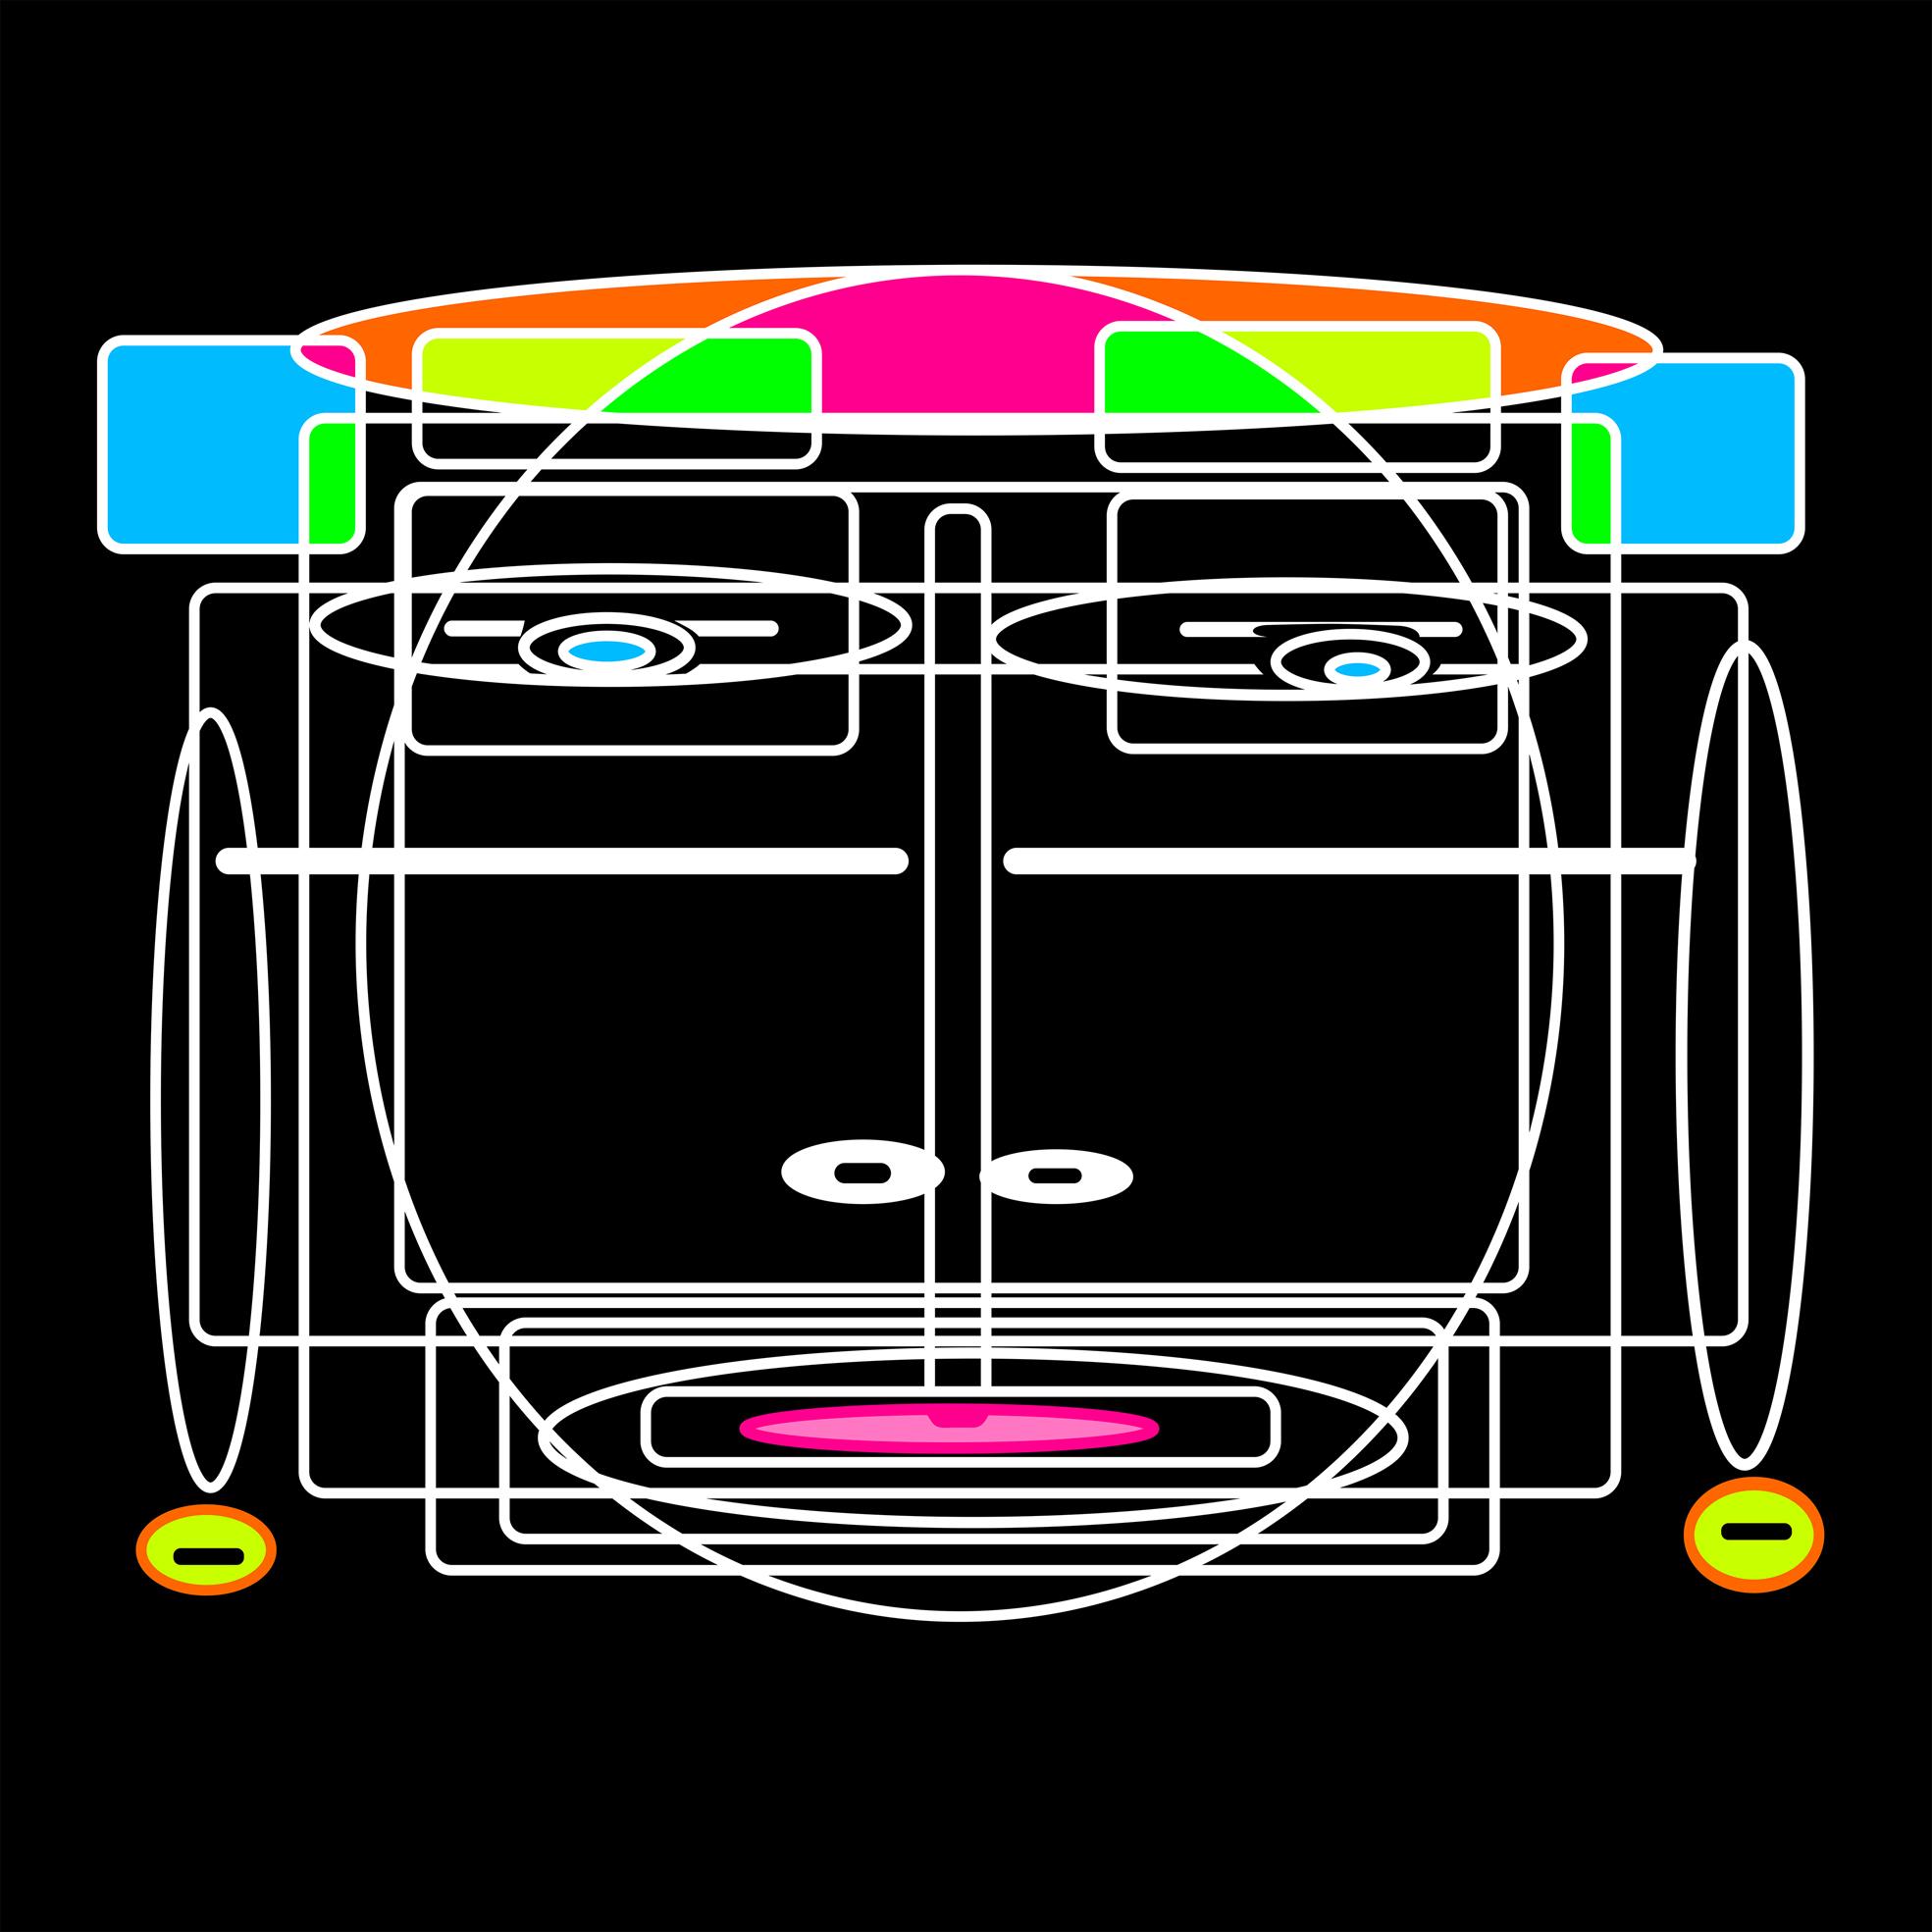 L'Angolo di Marta Lock: La Digital Art in technicolor di Ashblow per ricordare i ruggenti e dinamici